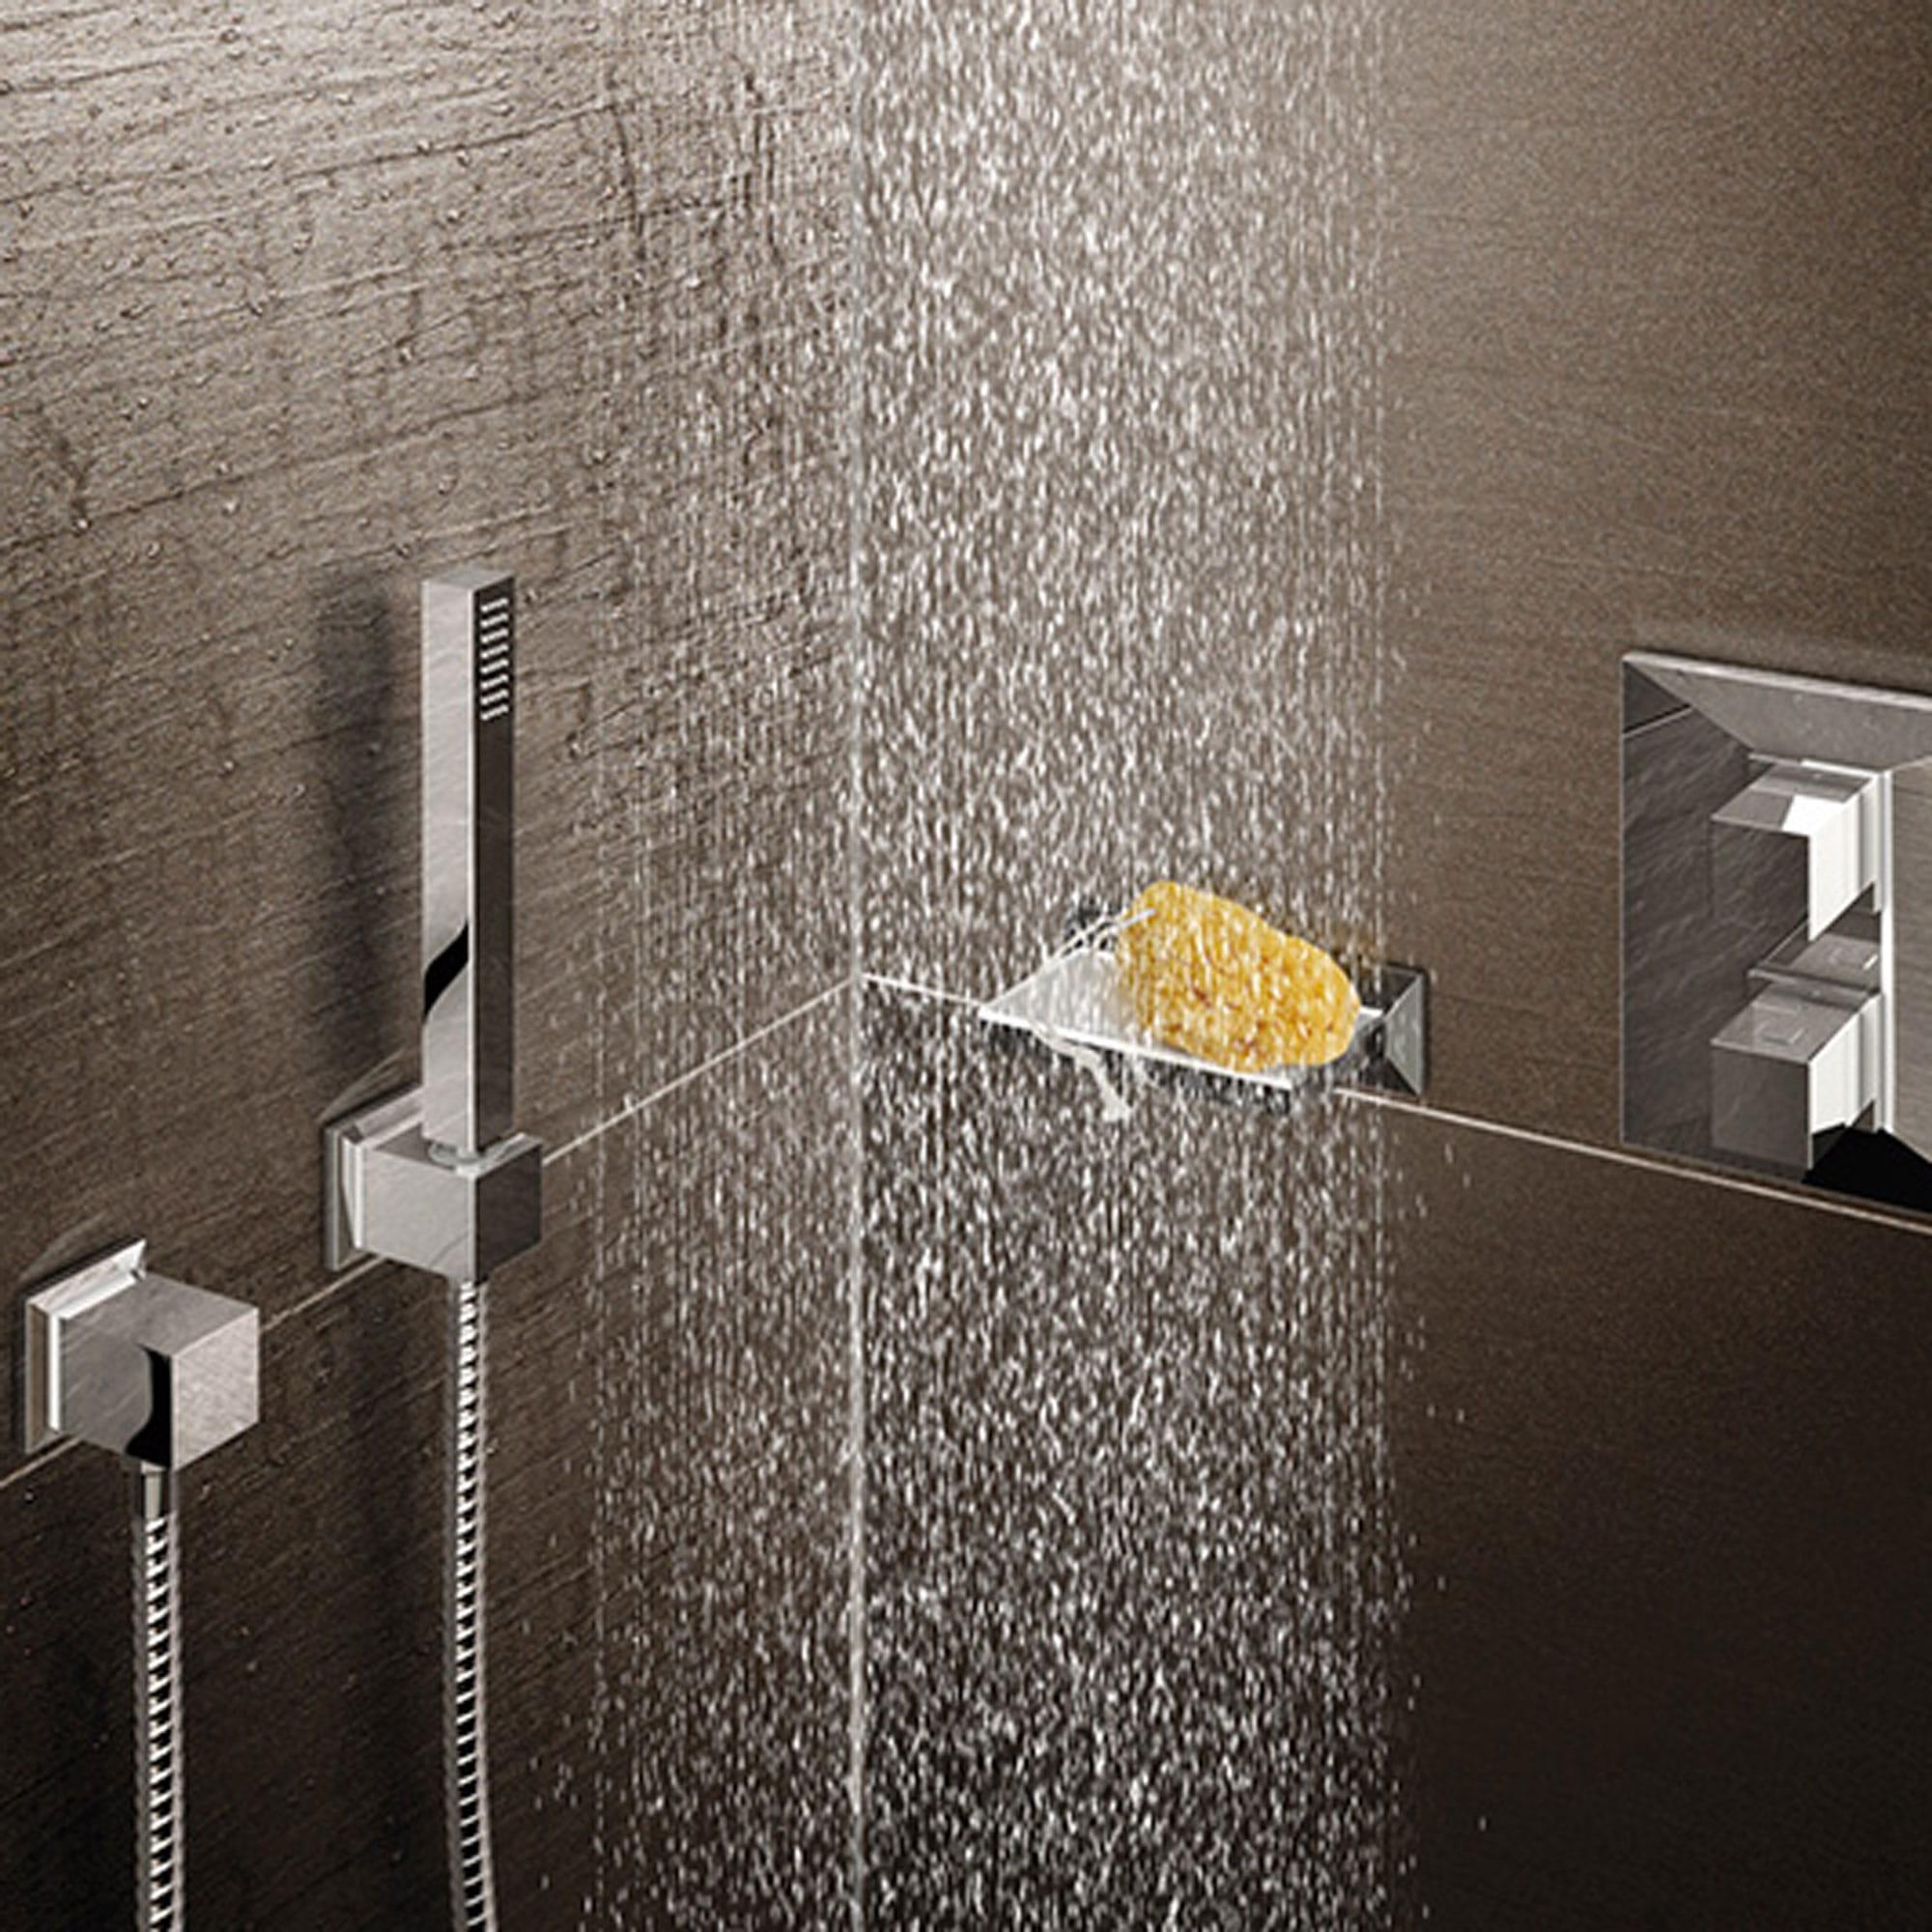 douche en cours d'exécution avec coin de douche en arrière-plan